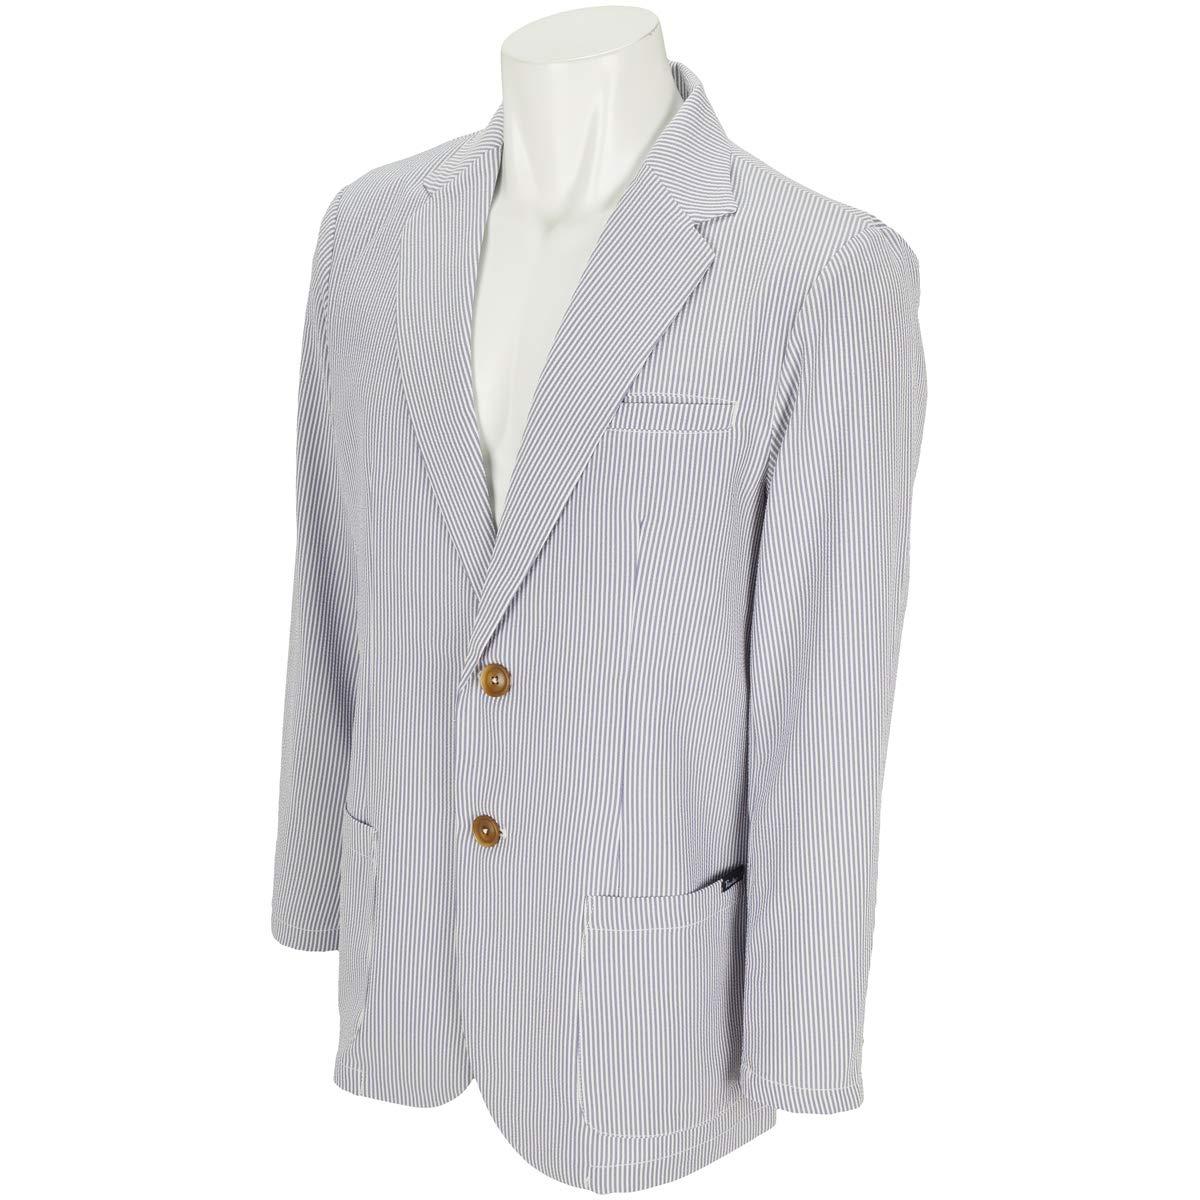 【使い勝手の良い】 ブリヂストン PARADISO PARADISO アウター(ブルゾン、ウインド、ジャケット) 3L ジャケット ジャケット 3L ホワイト B07NML1X5T, 多治見市:d572bb3c --- narvafouette.eu